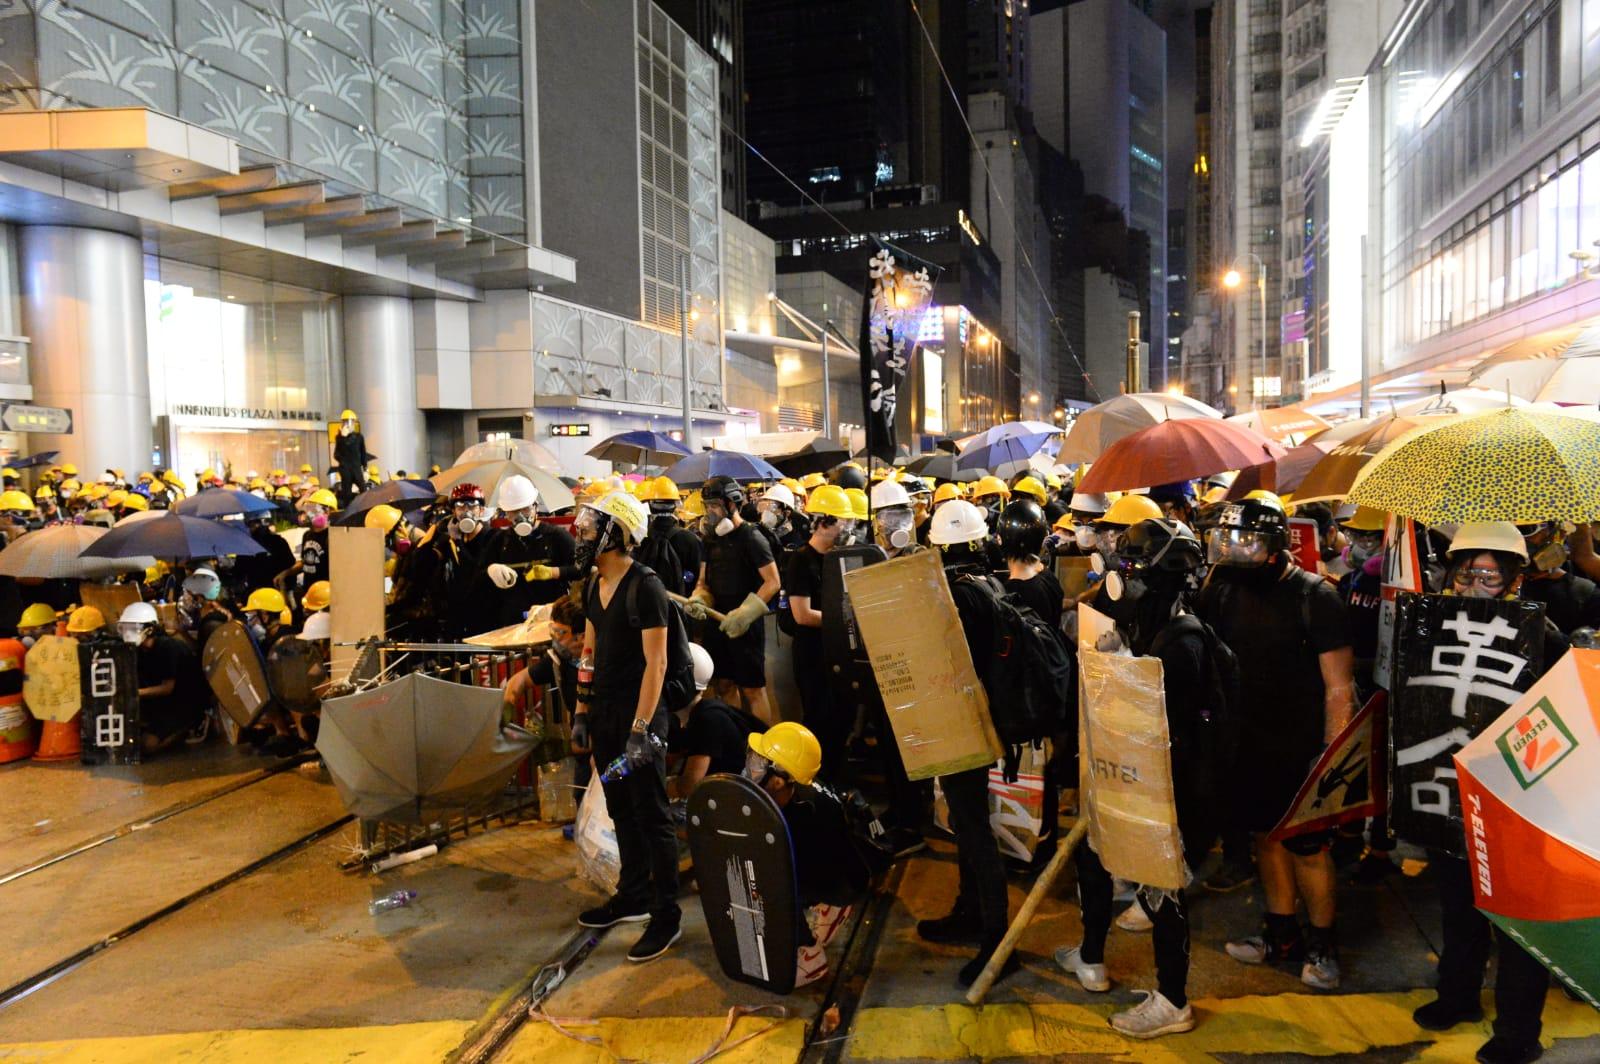 防毒面罩、頭盔、雨傘等成為香港違禁品。圖為2019年7月28日,香港,面對警察頻繁發射橡膠子彈及催淚彈清場,許多香港民眾戴上口罩與頭盔,並以雨傘抵抗。(宋碧龍/大紀元)